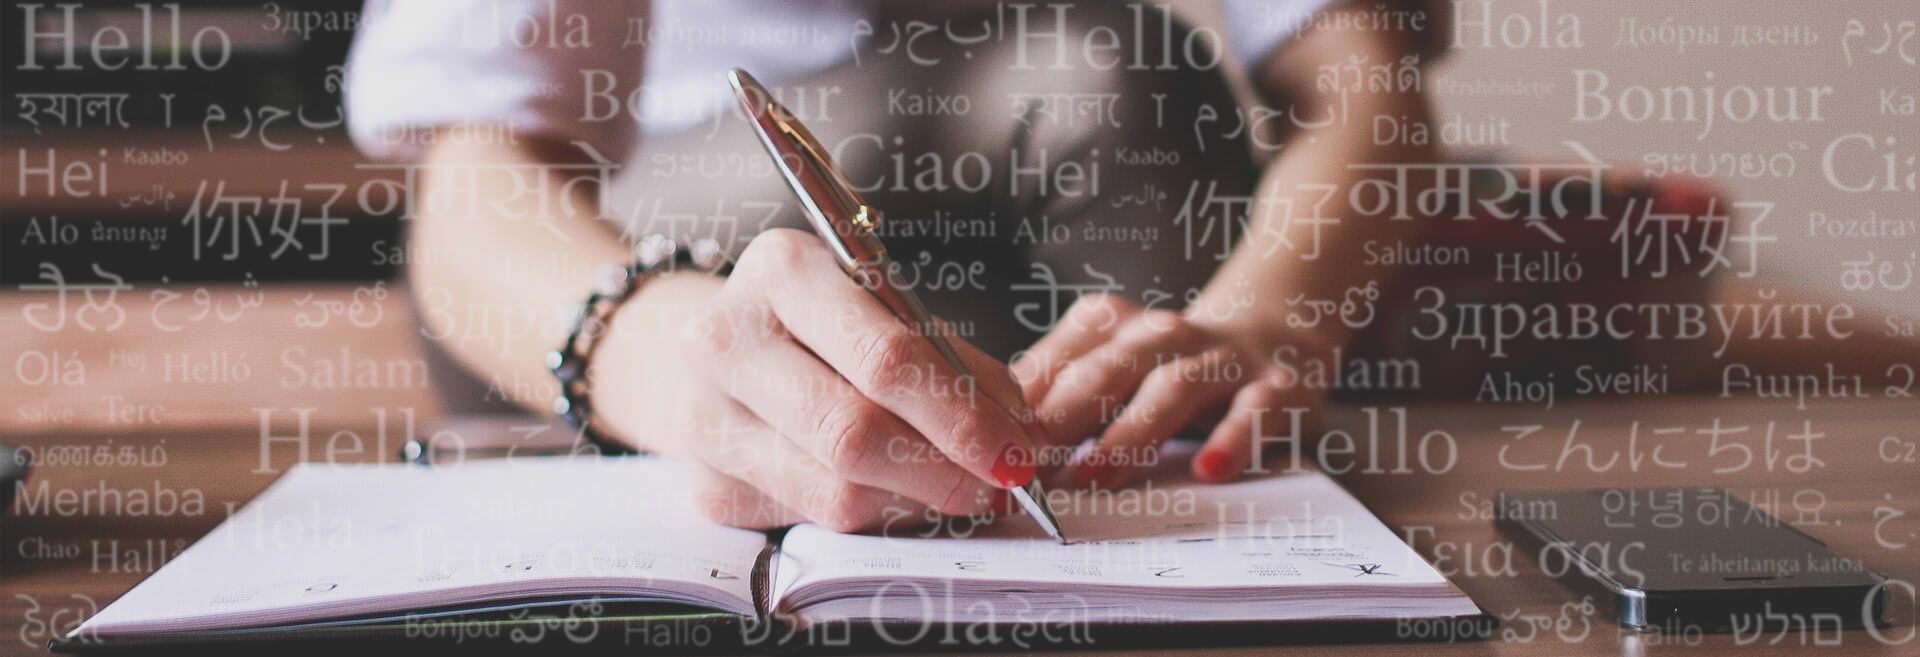 """4 """"nên"""" ai cũng cần nhớ nếu muốn thuê dịch thuật chất lượng"""